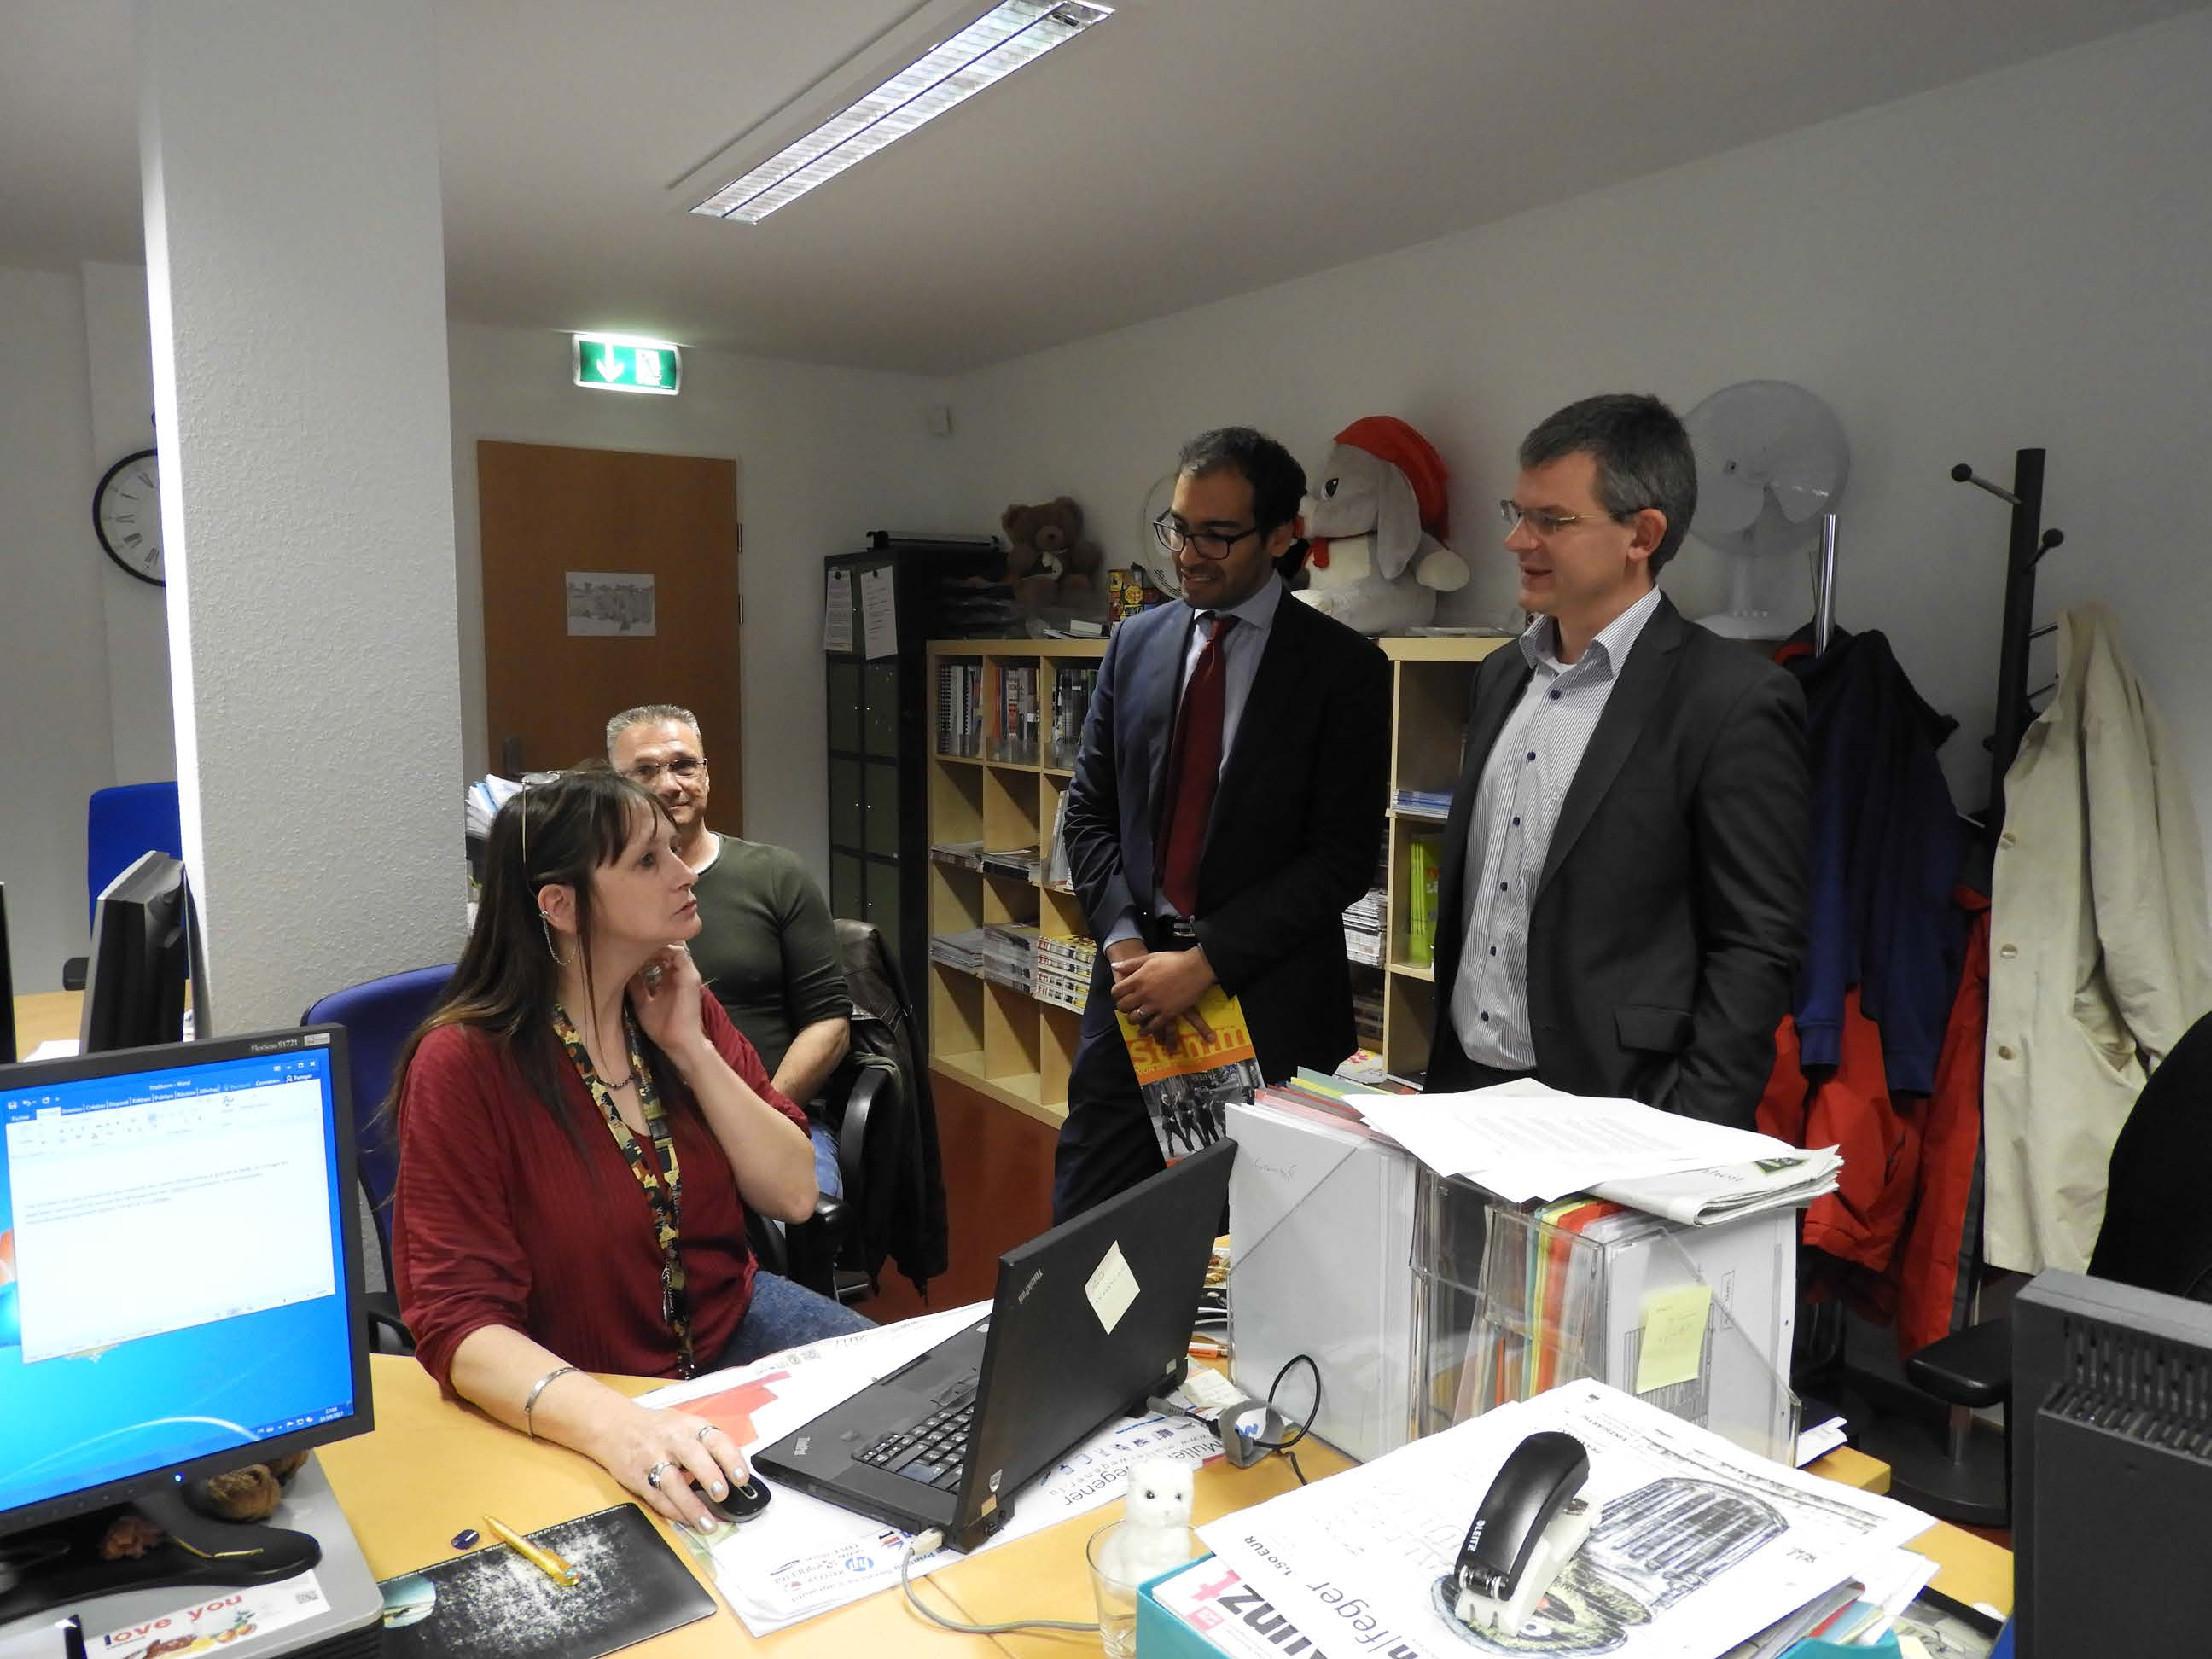 Vectis offers 8 laptops to the Stëmm vun der Strooss Editorial office